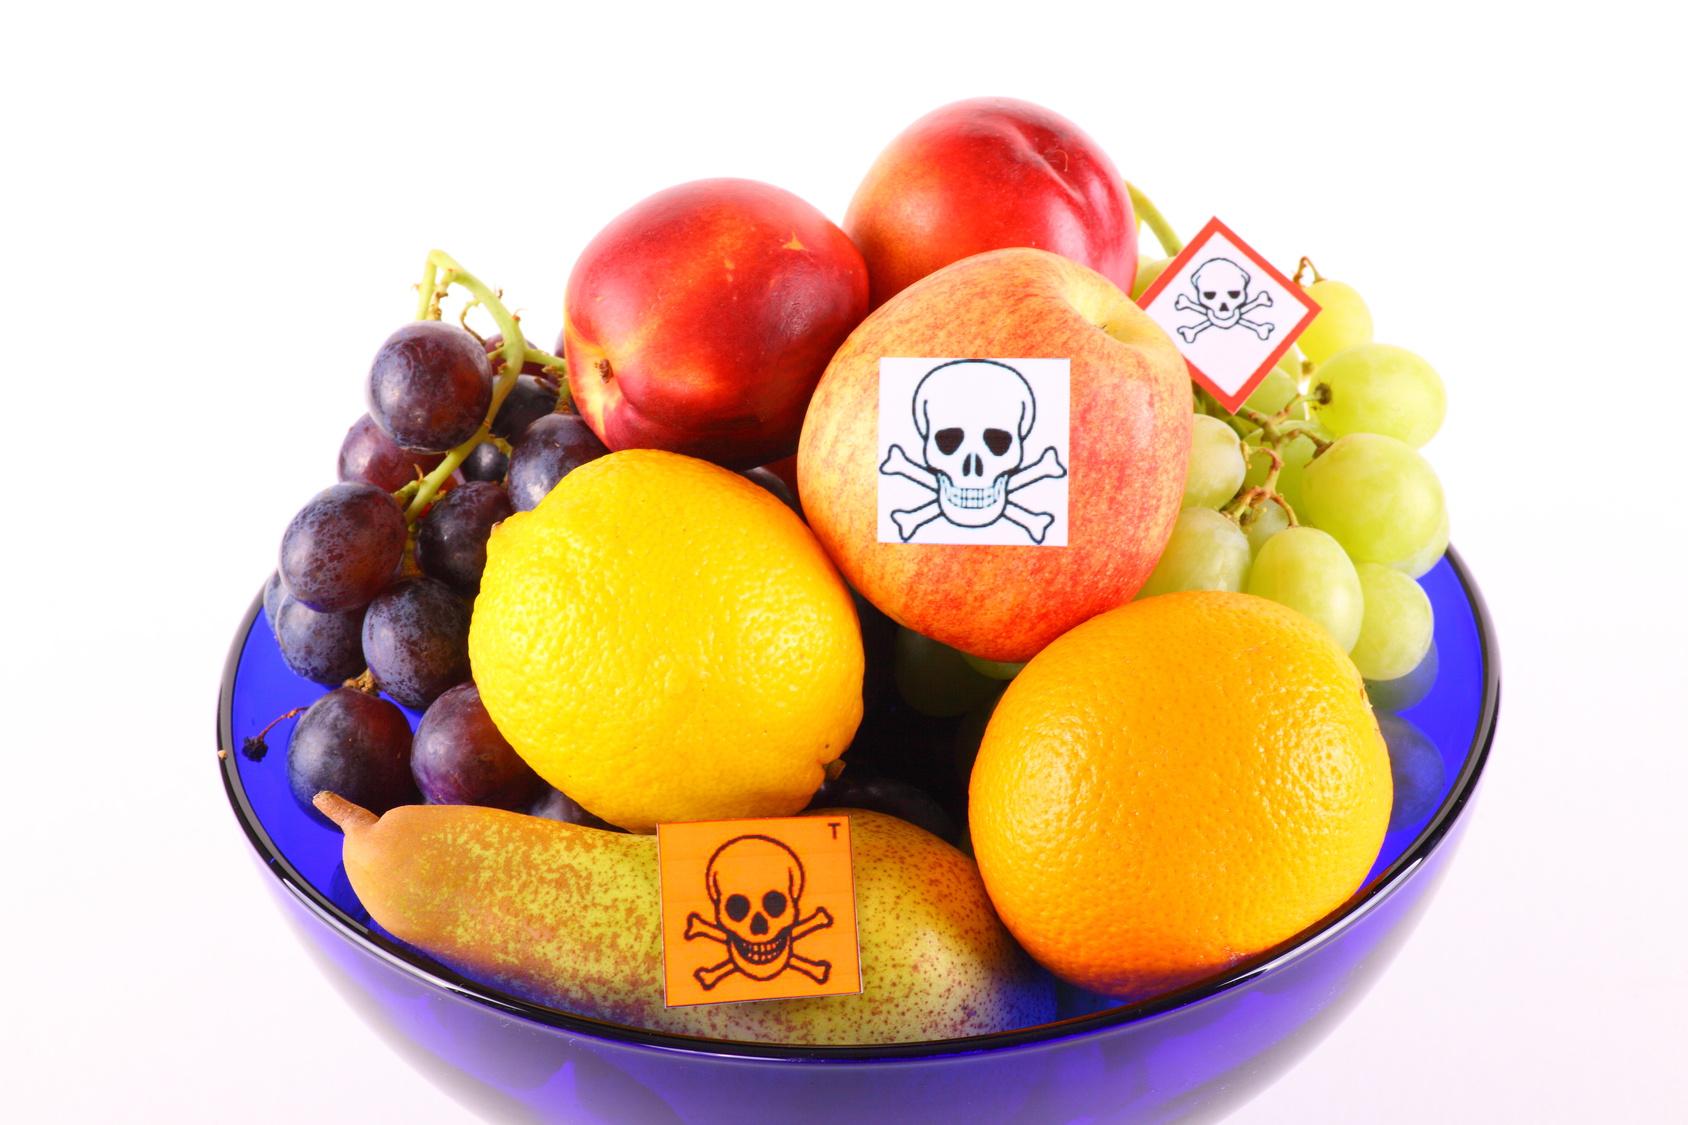 Kontaminiertes Obst